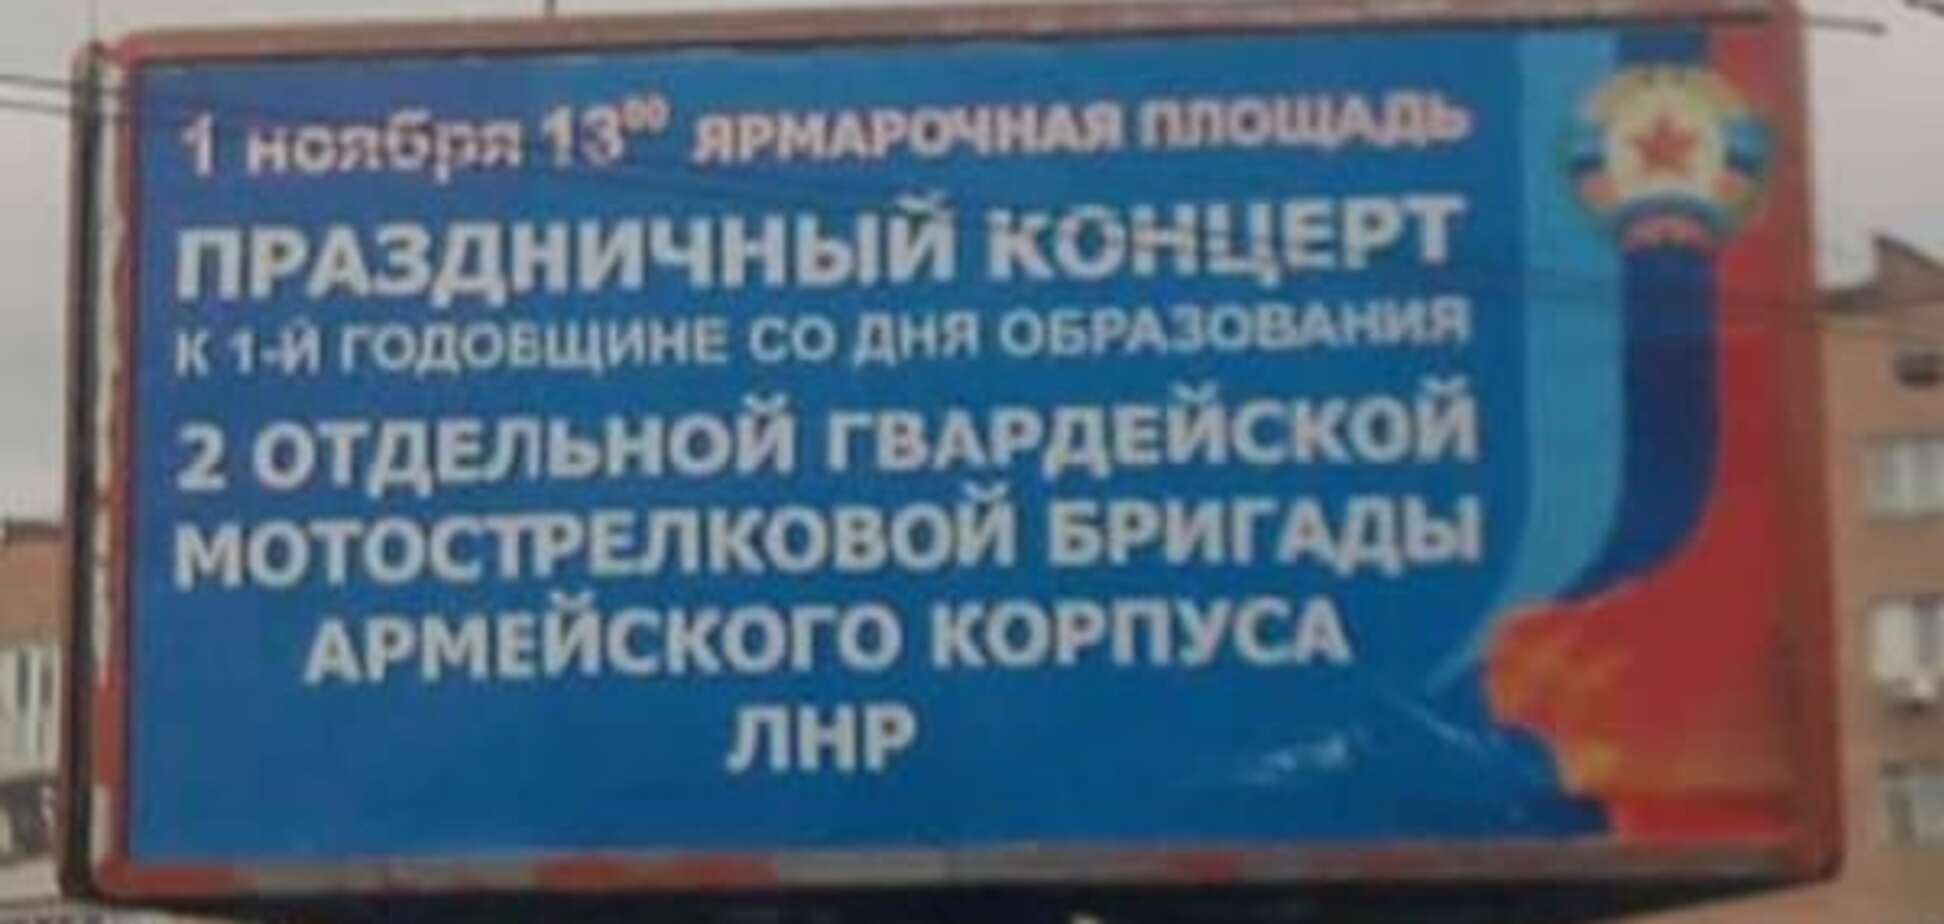 Як же так? Поки в Росії траур, в 'ЛНР' масове святкове гуляння: фоторепортаж